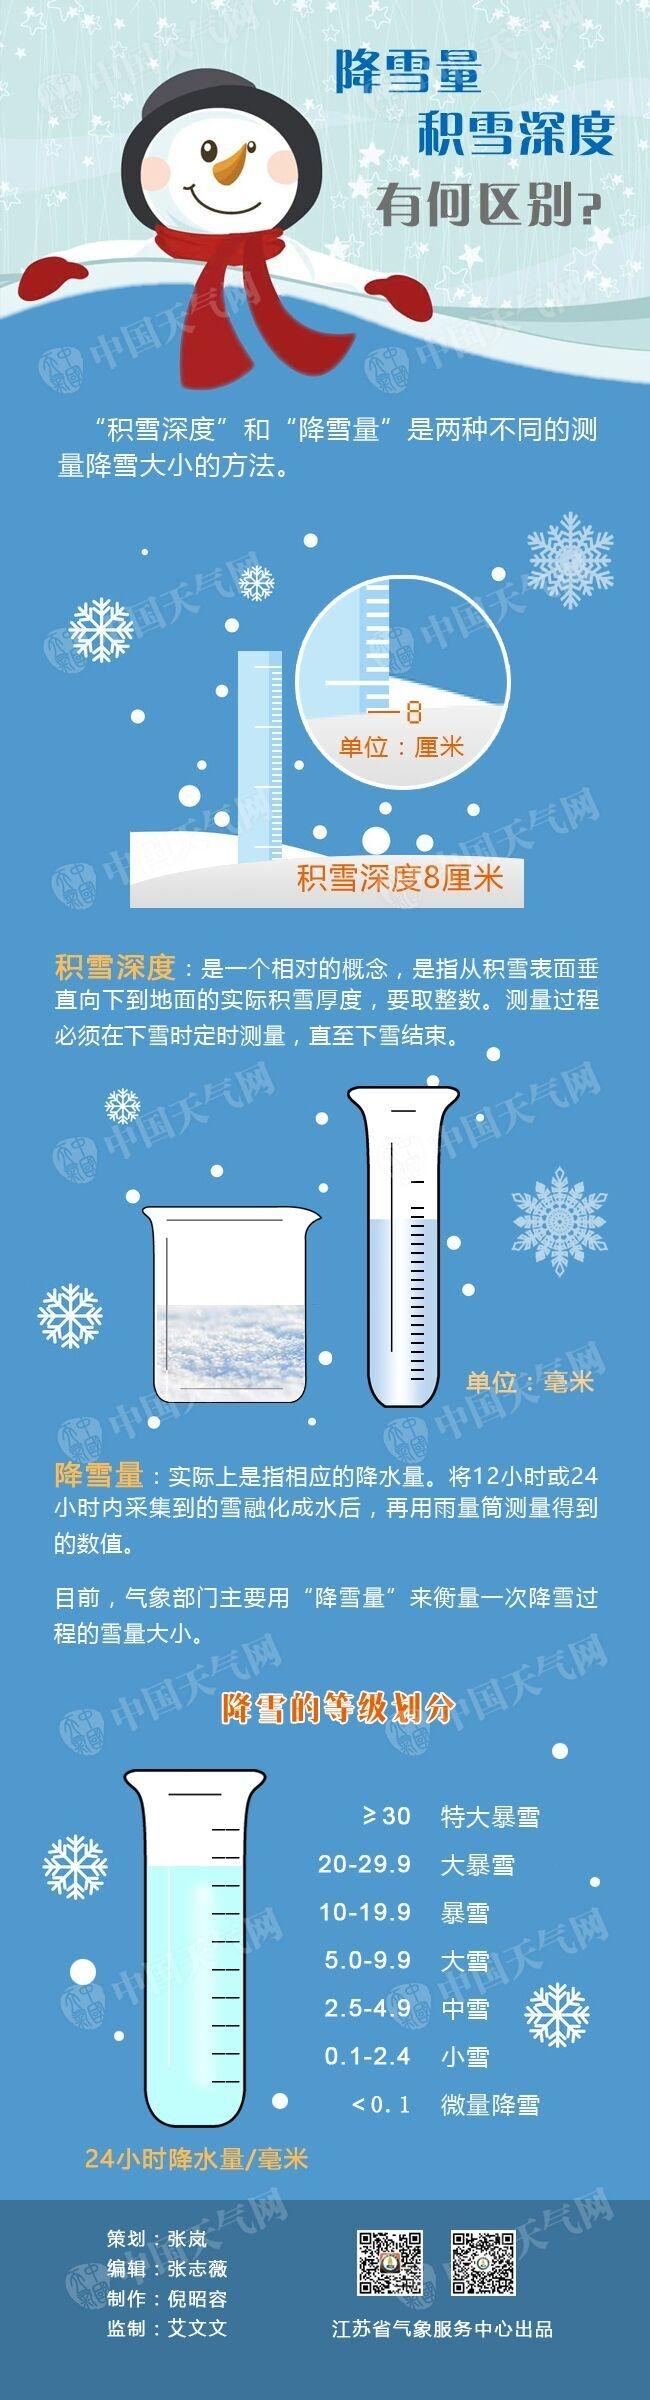 降雪量和积雪深度区别